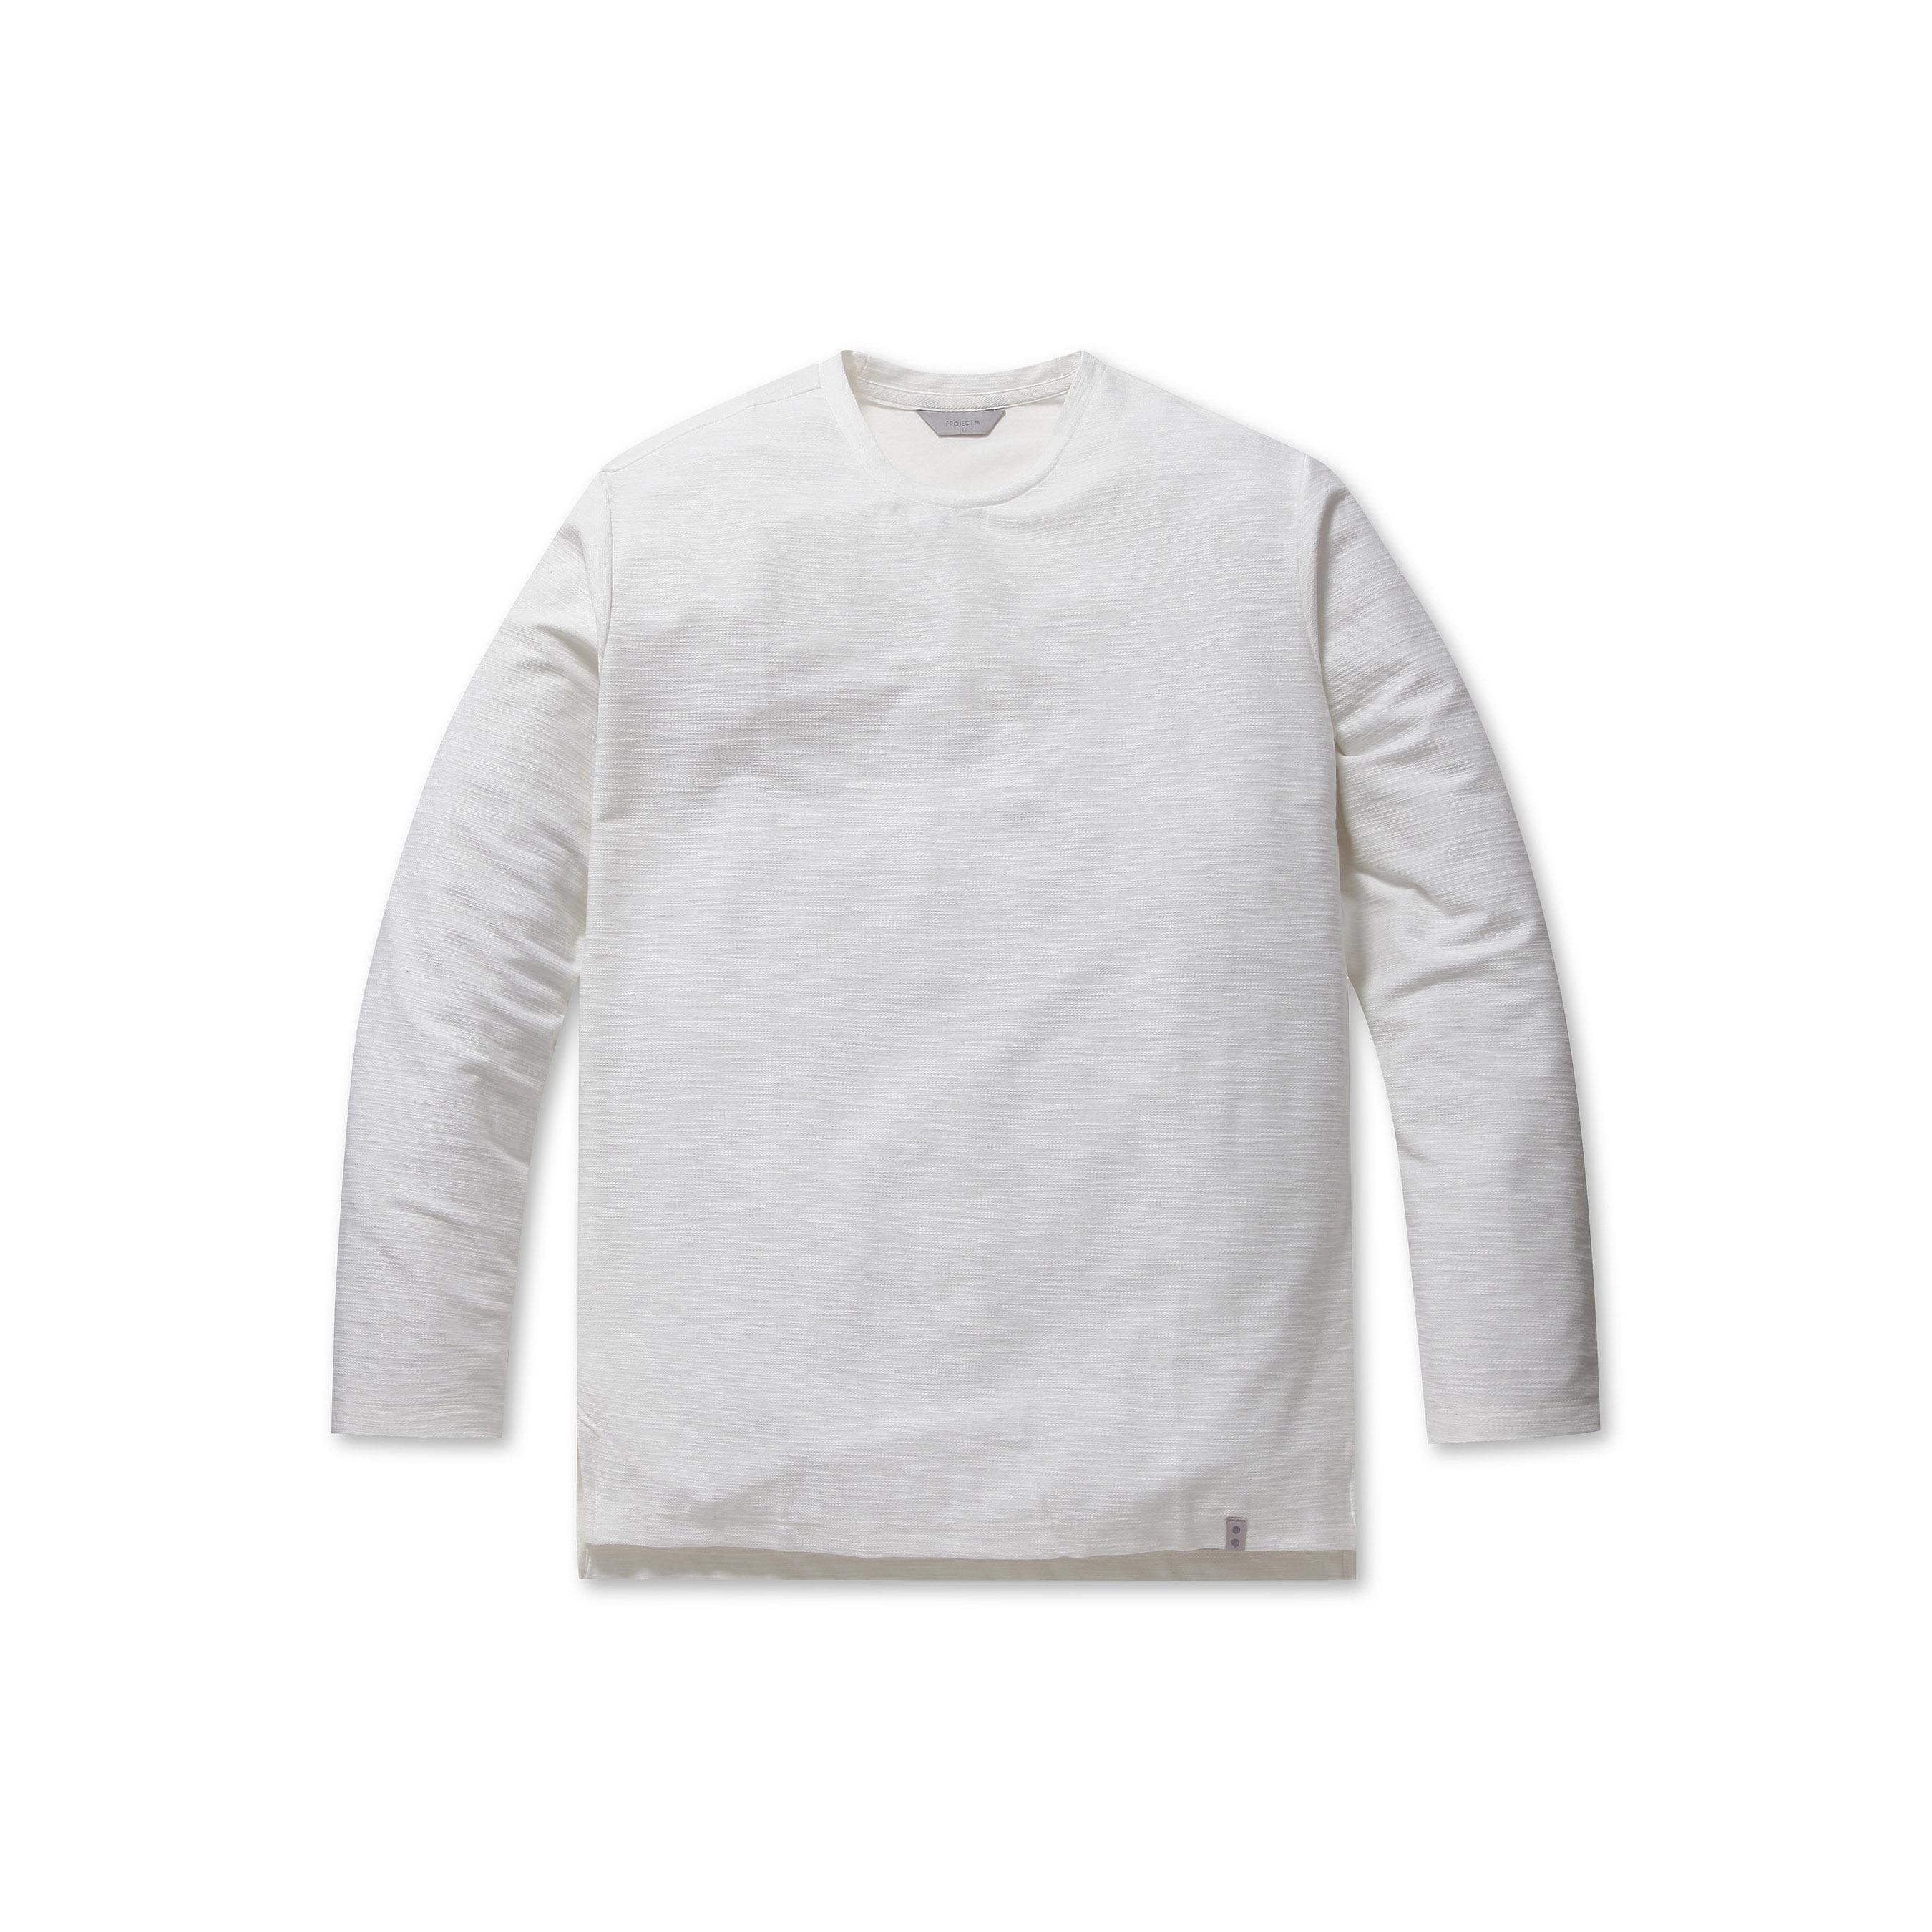 프로젝트엠 남성용 리버스테리 솔리드 라운드 티셔츠 EPA1TR1501